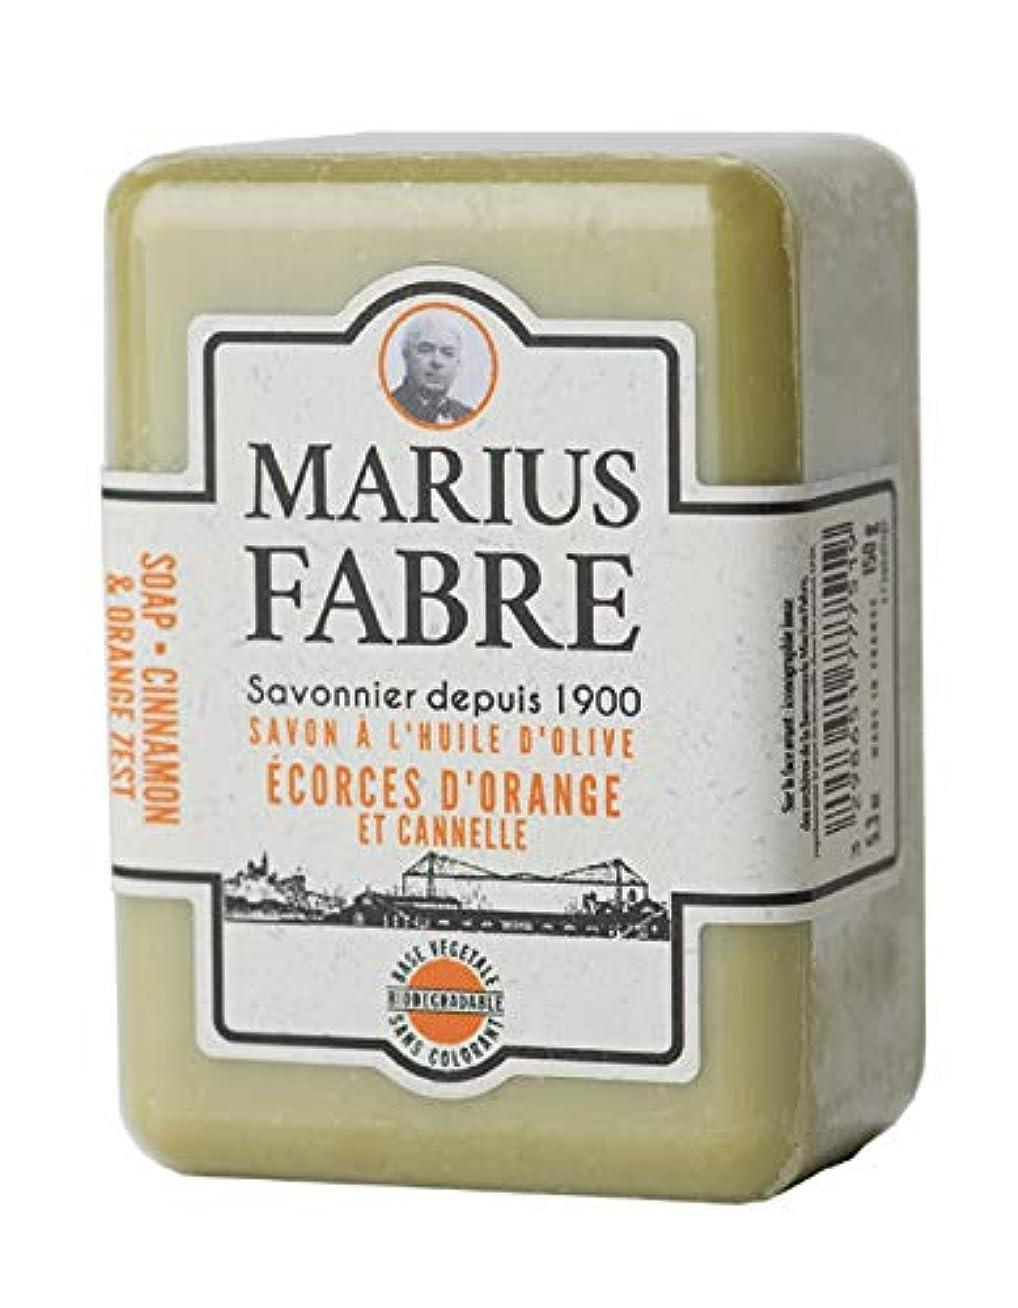 ポジティブストレスの多い毎年サボンドマルセイユ 1900 シナモンオレンジ 150g